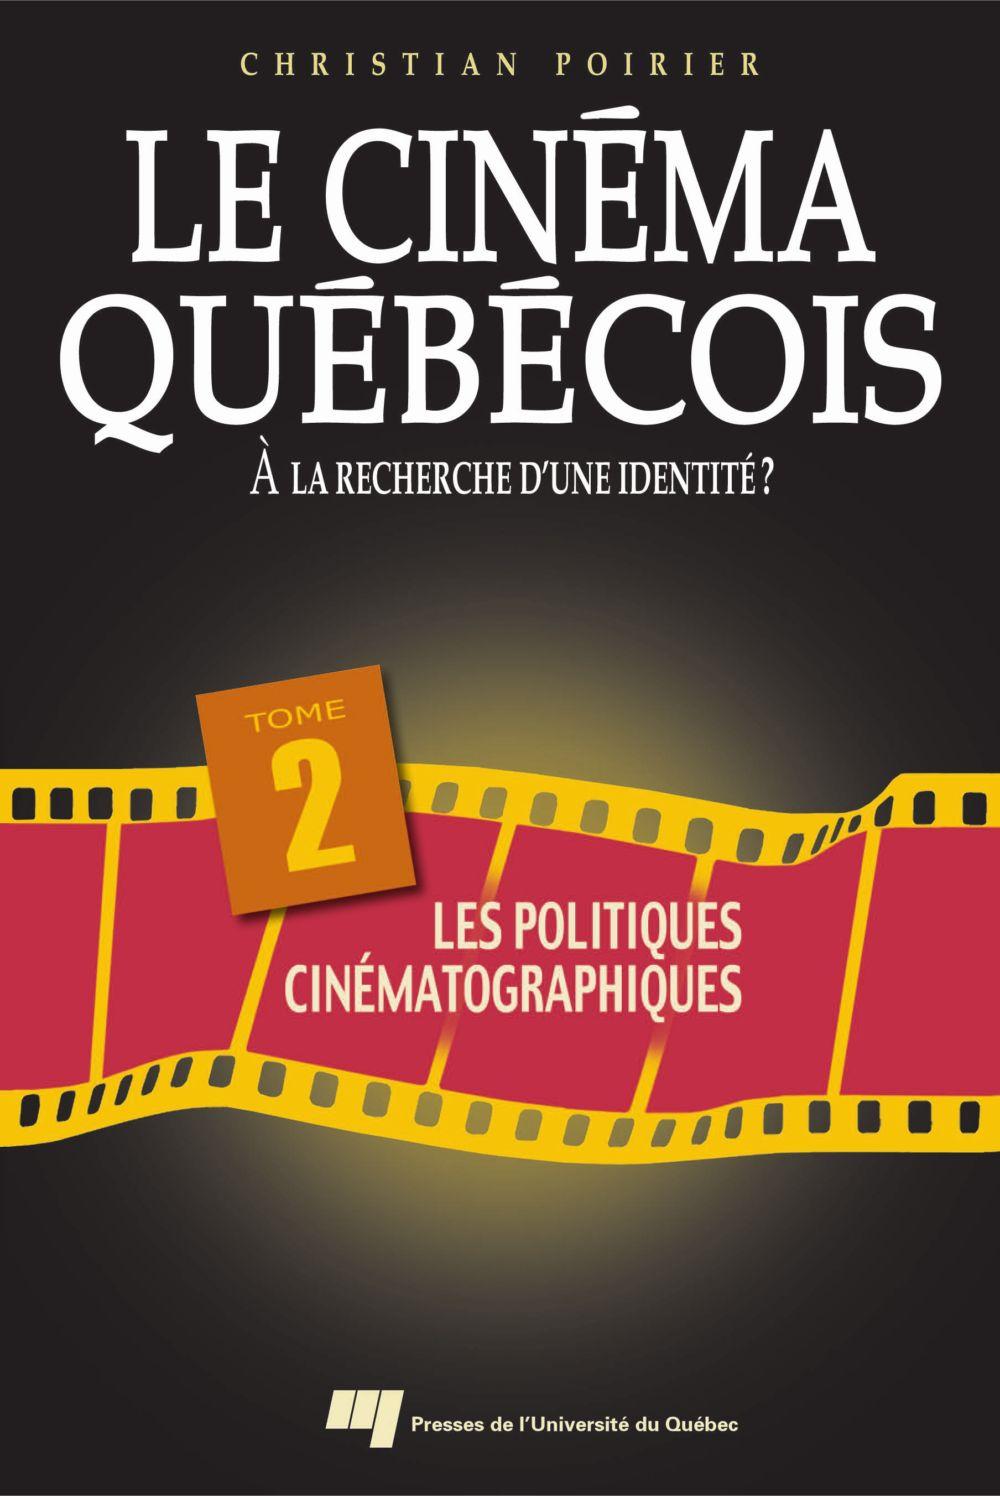 Le cinéma québécois - Tome 2